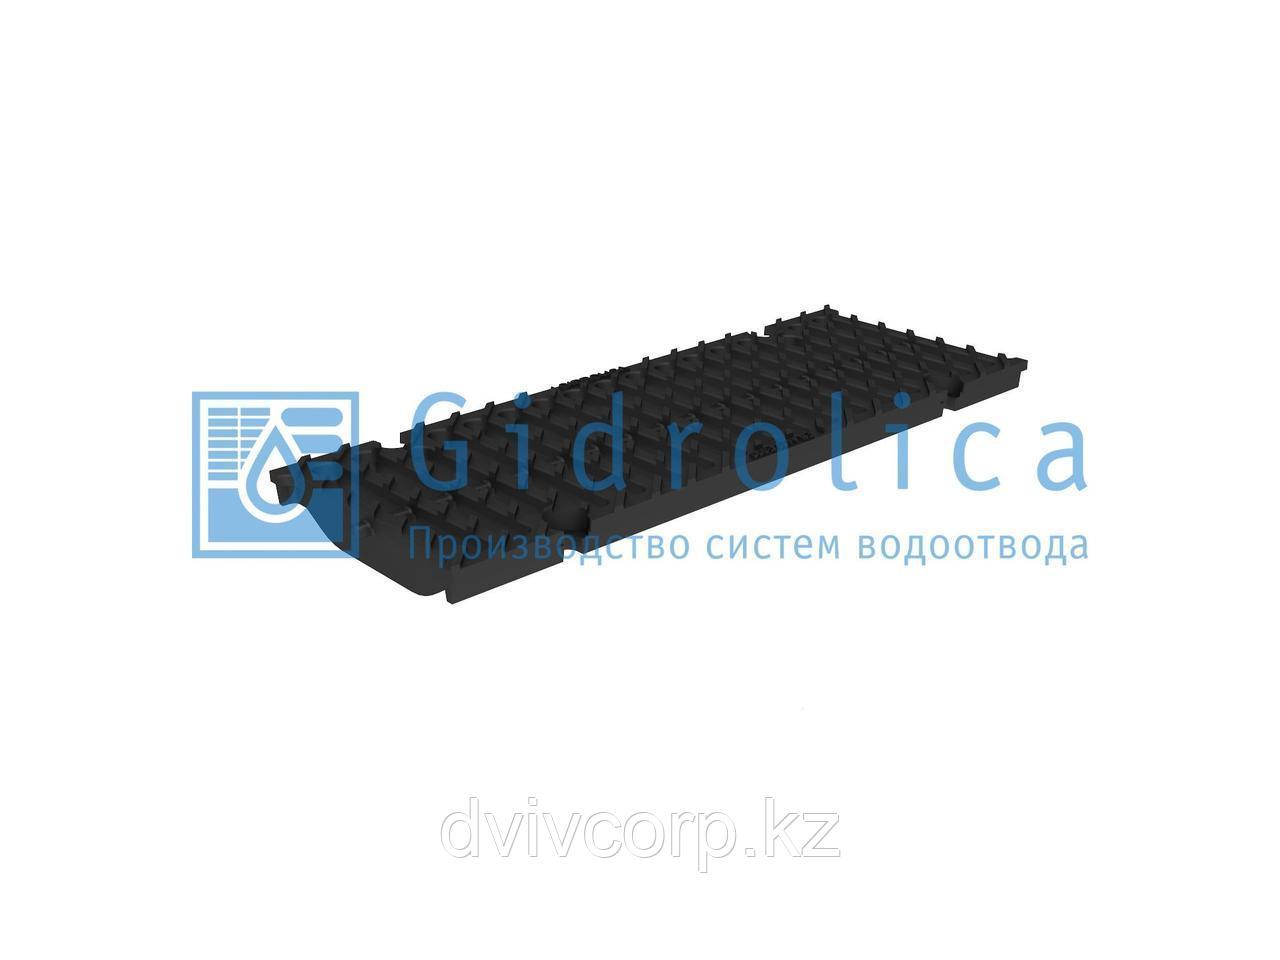 Решетка водоприемная Gidrolica Super РВ -15.19.50 - щелевая чугунная ВЧ, кл. E600